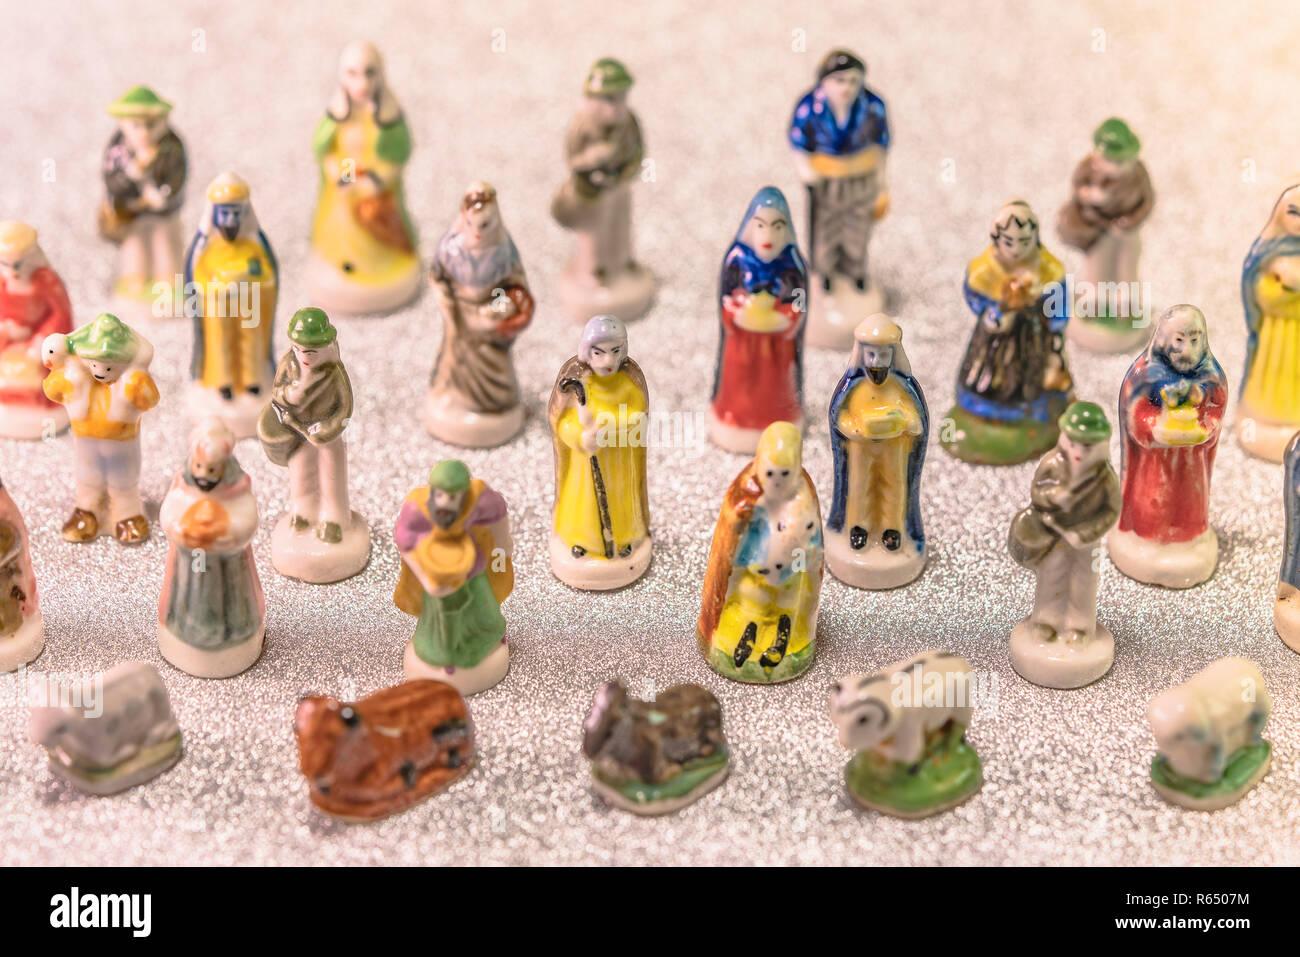 Kleine Figuren Von Krippenfiguren Aus Der Franzosischen Provence